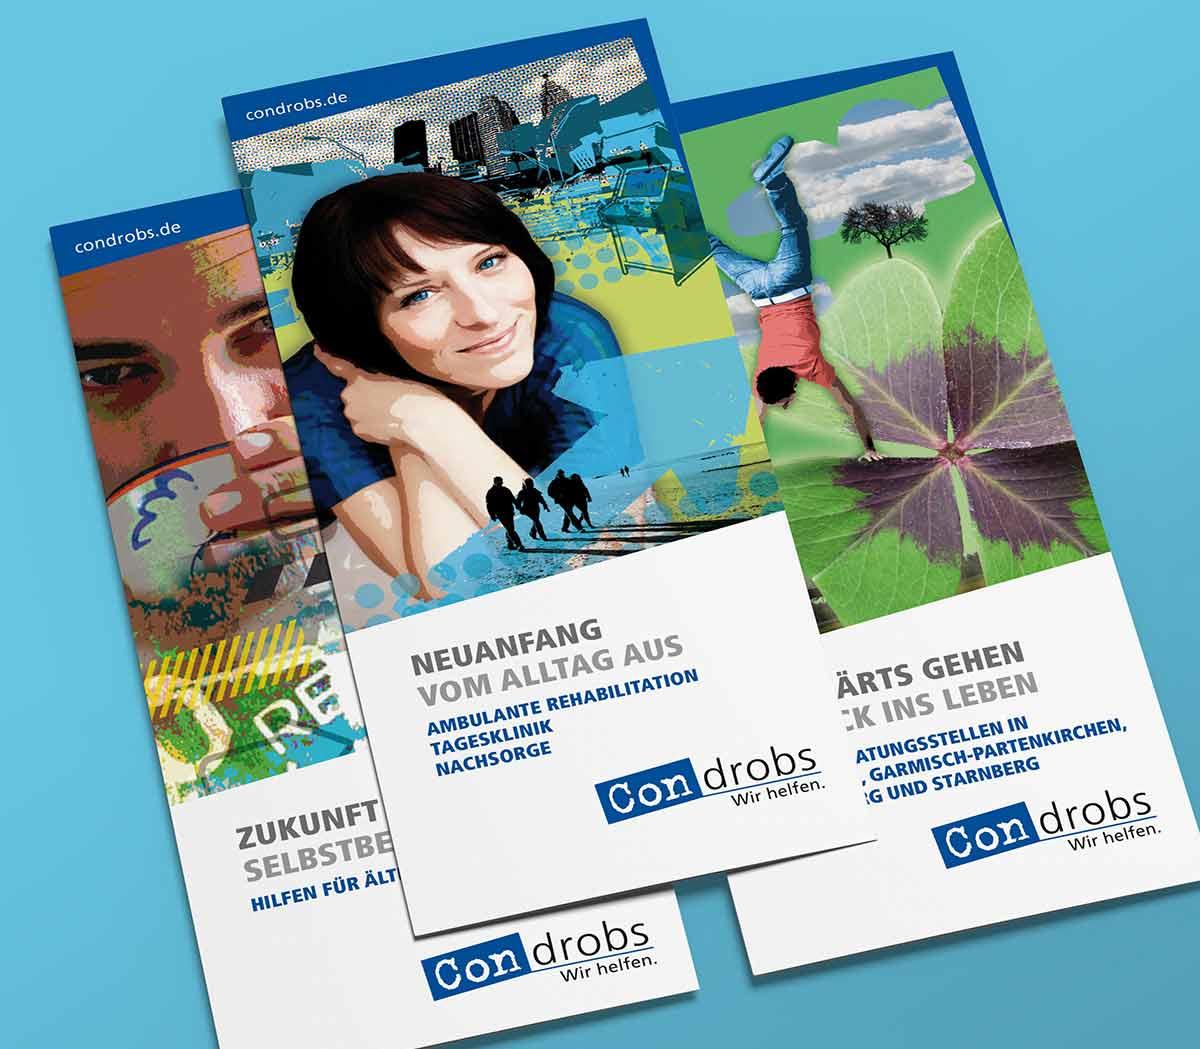 Condrobs Flyer, Design von c-c-design.de